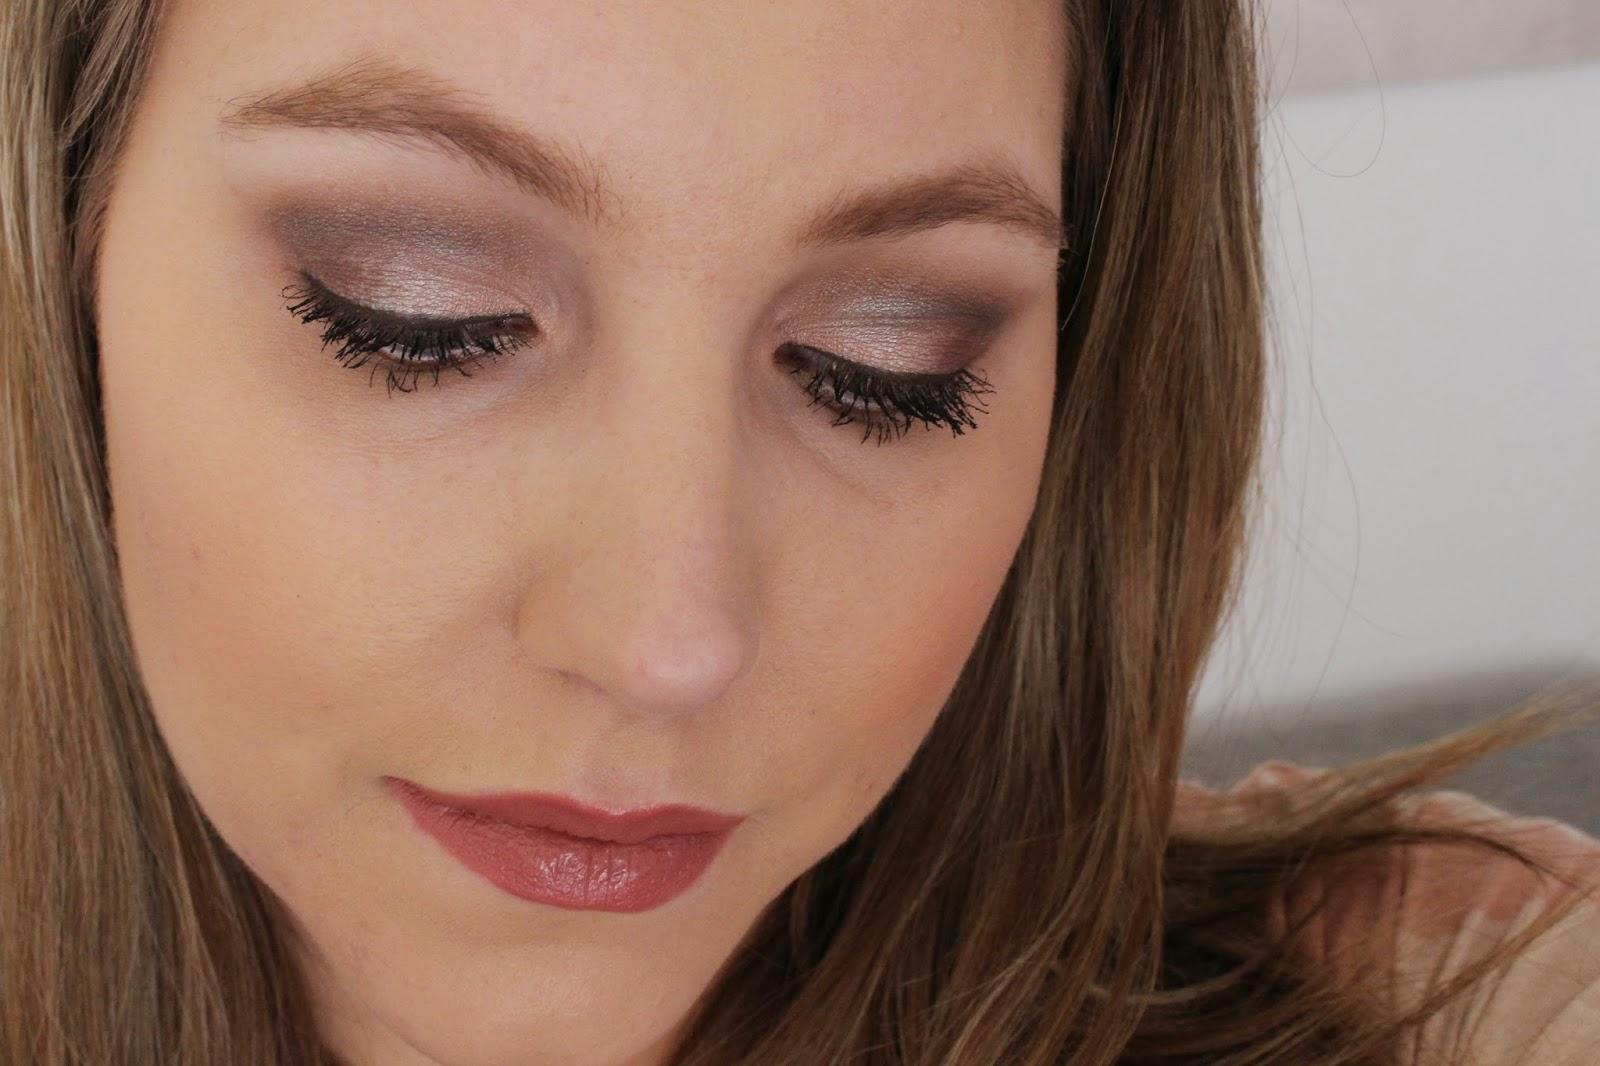 mac-eye-makeup-look-1